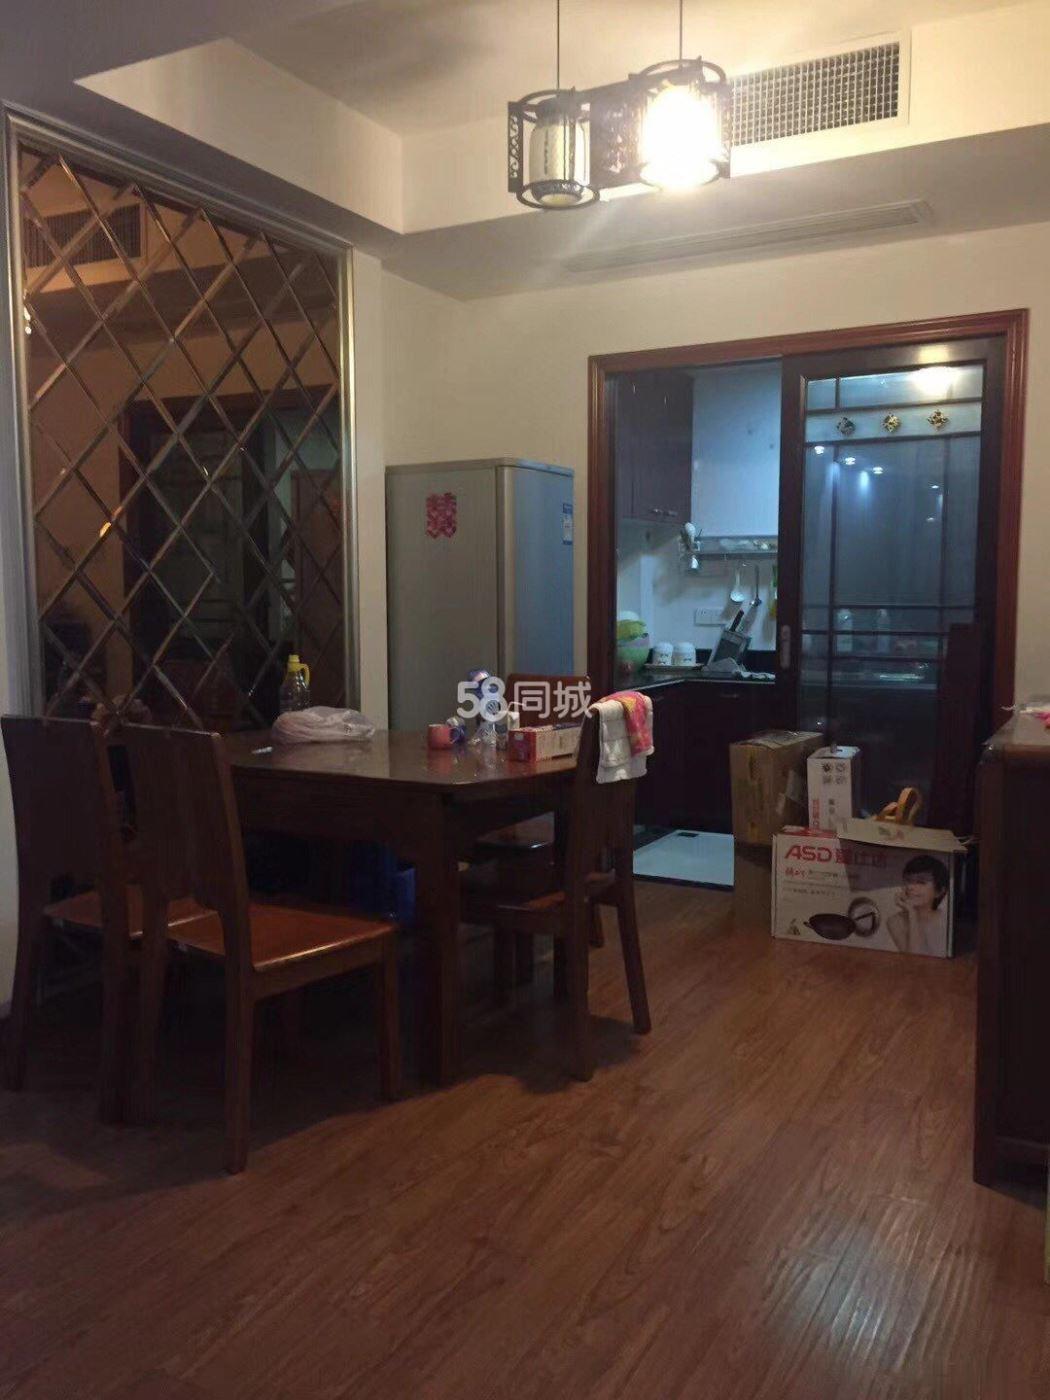 金山桔园吉苑 3室2厅2卫金山桔园吉苑